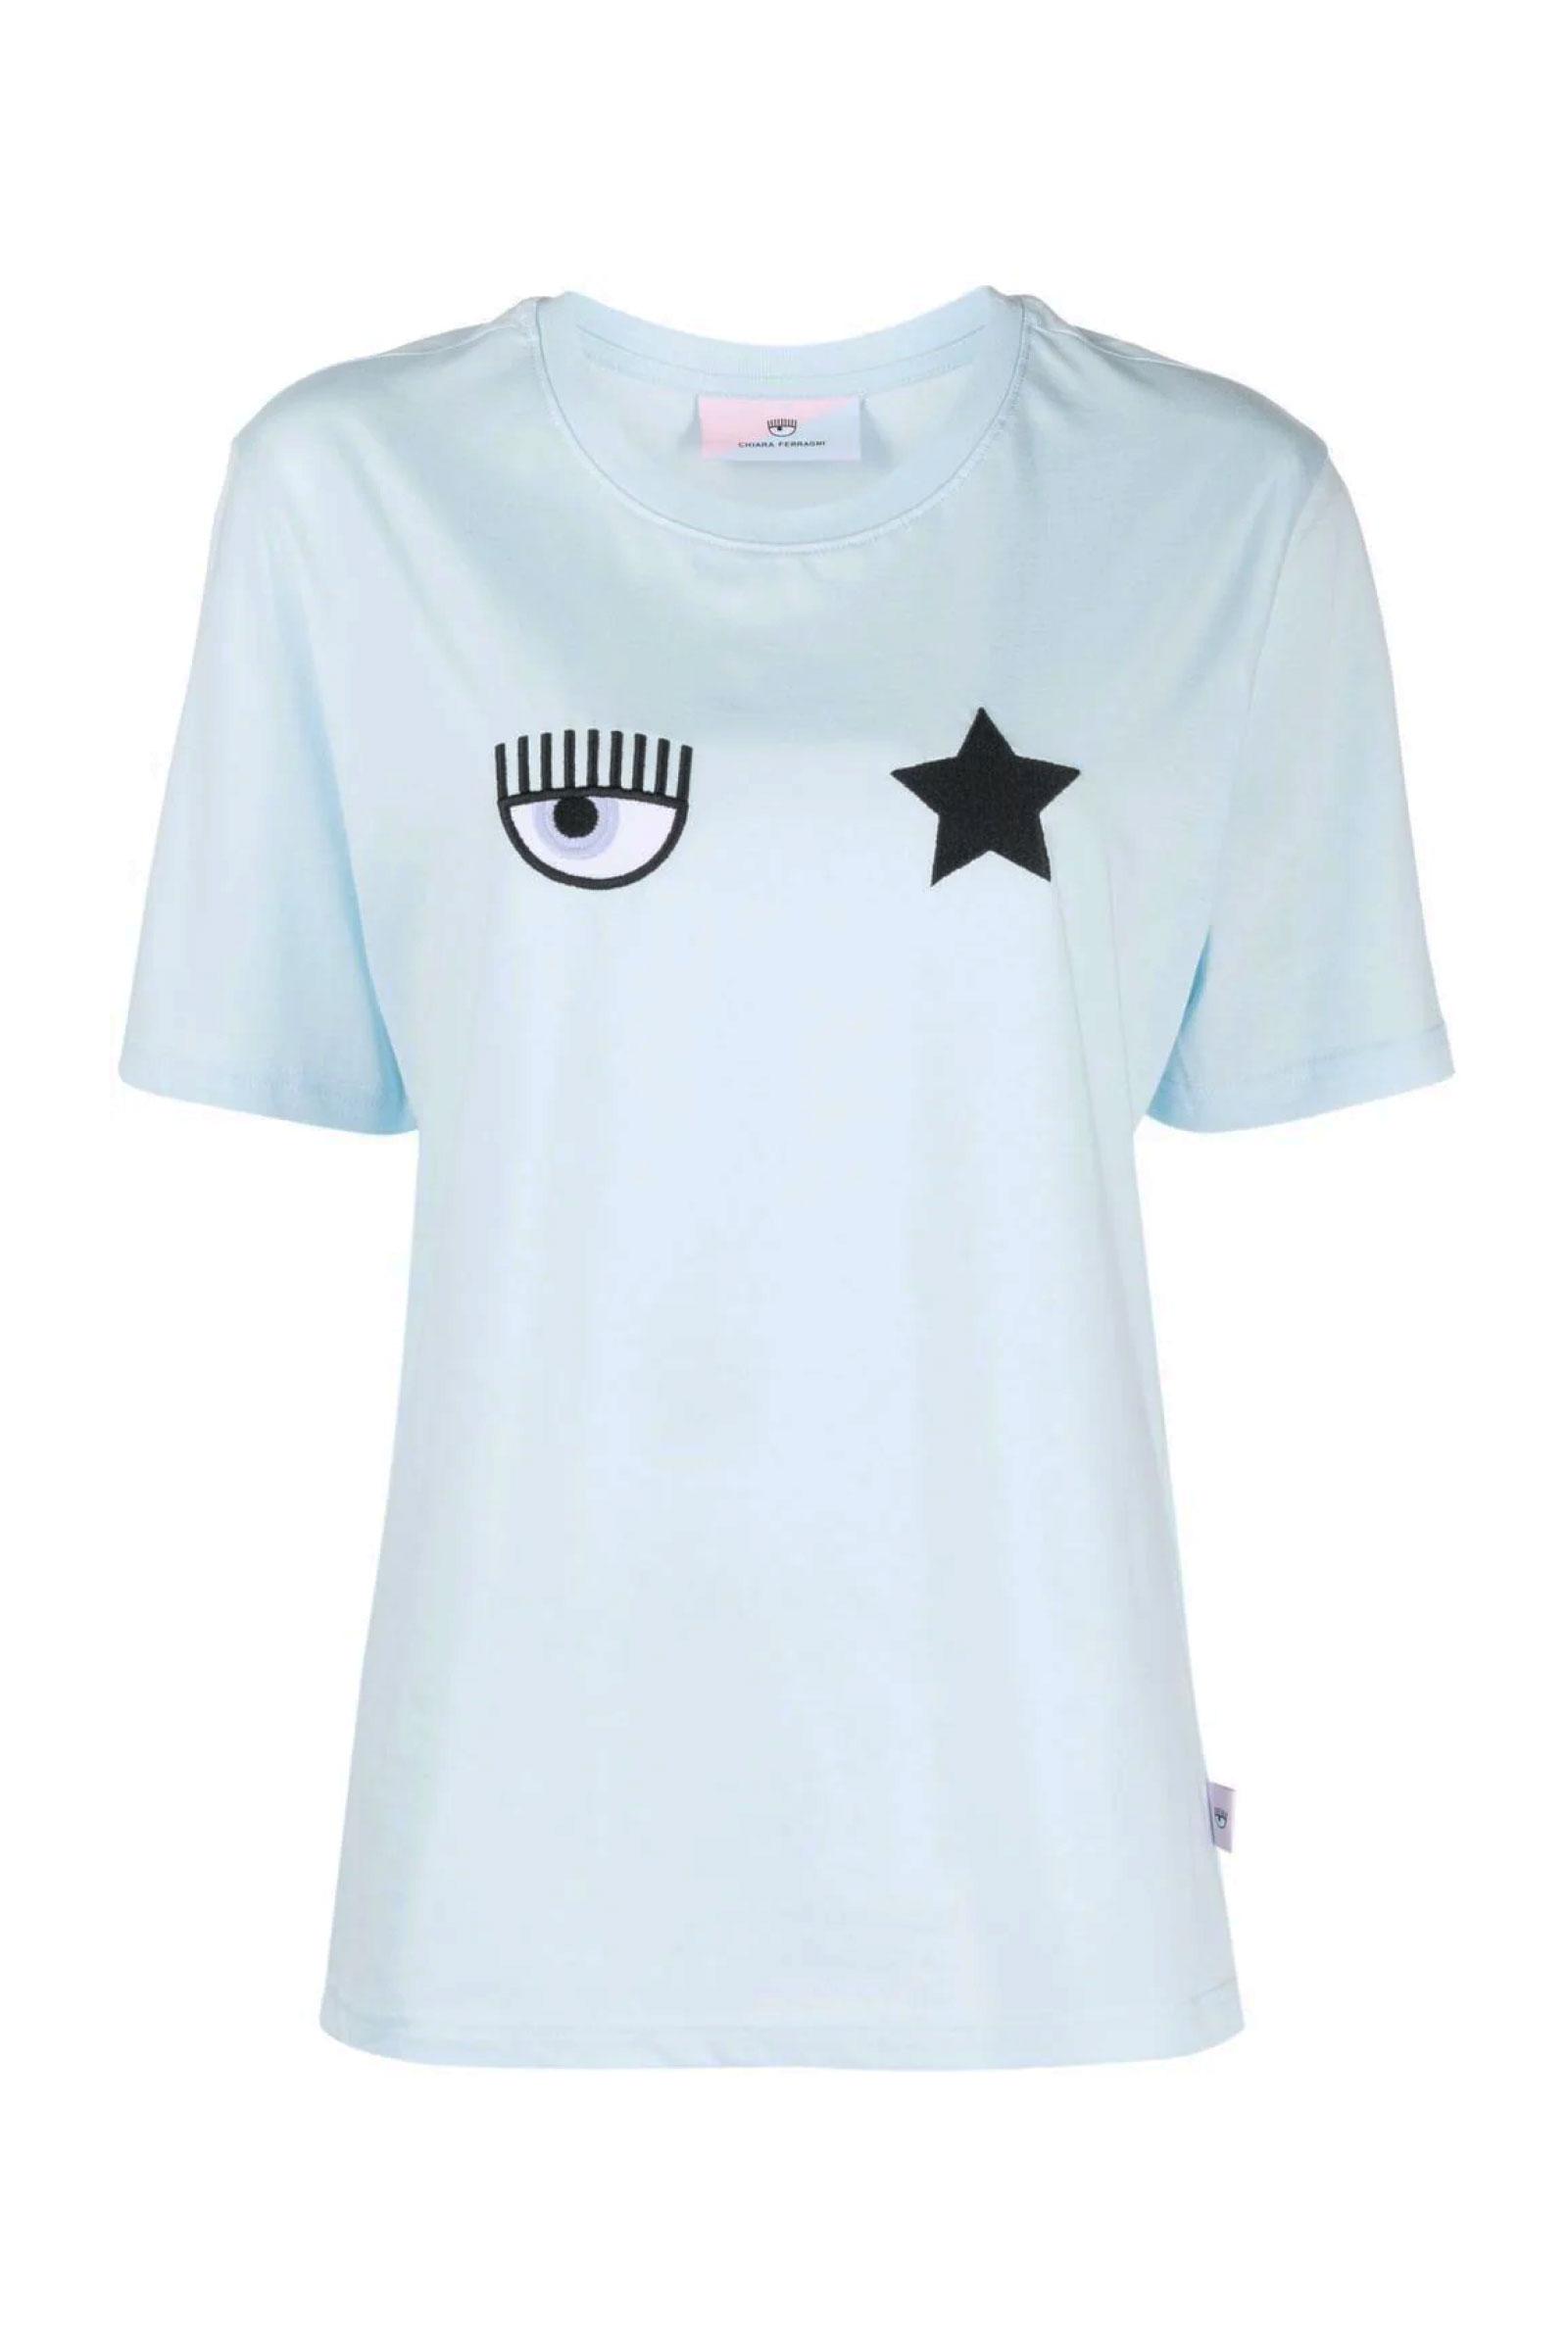 CHIARA FERRAGNI   T-Shirt   71CBHT01 CJC0T216